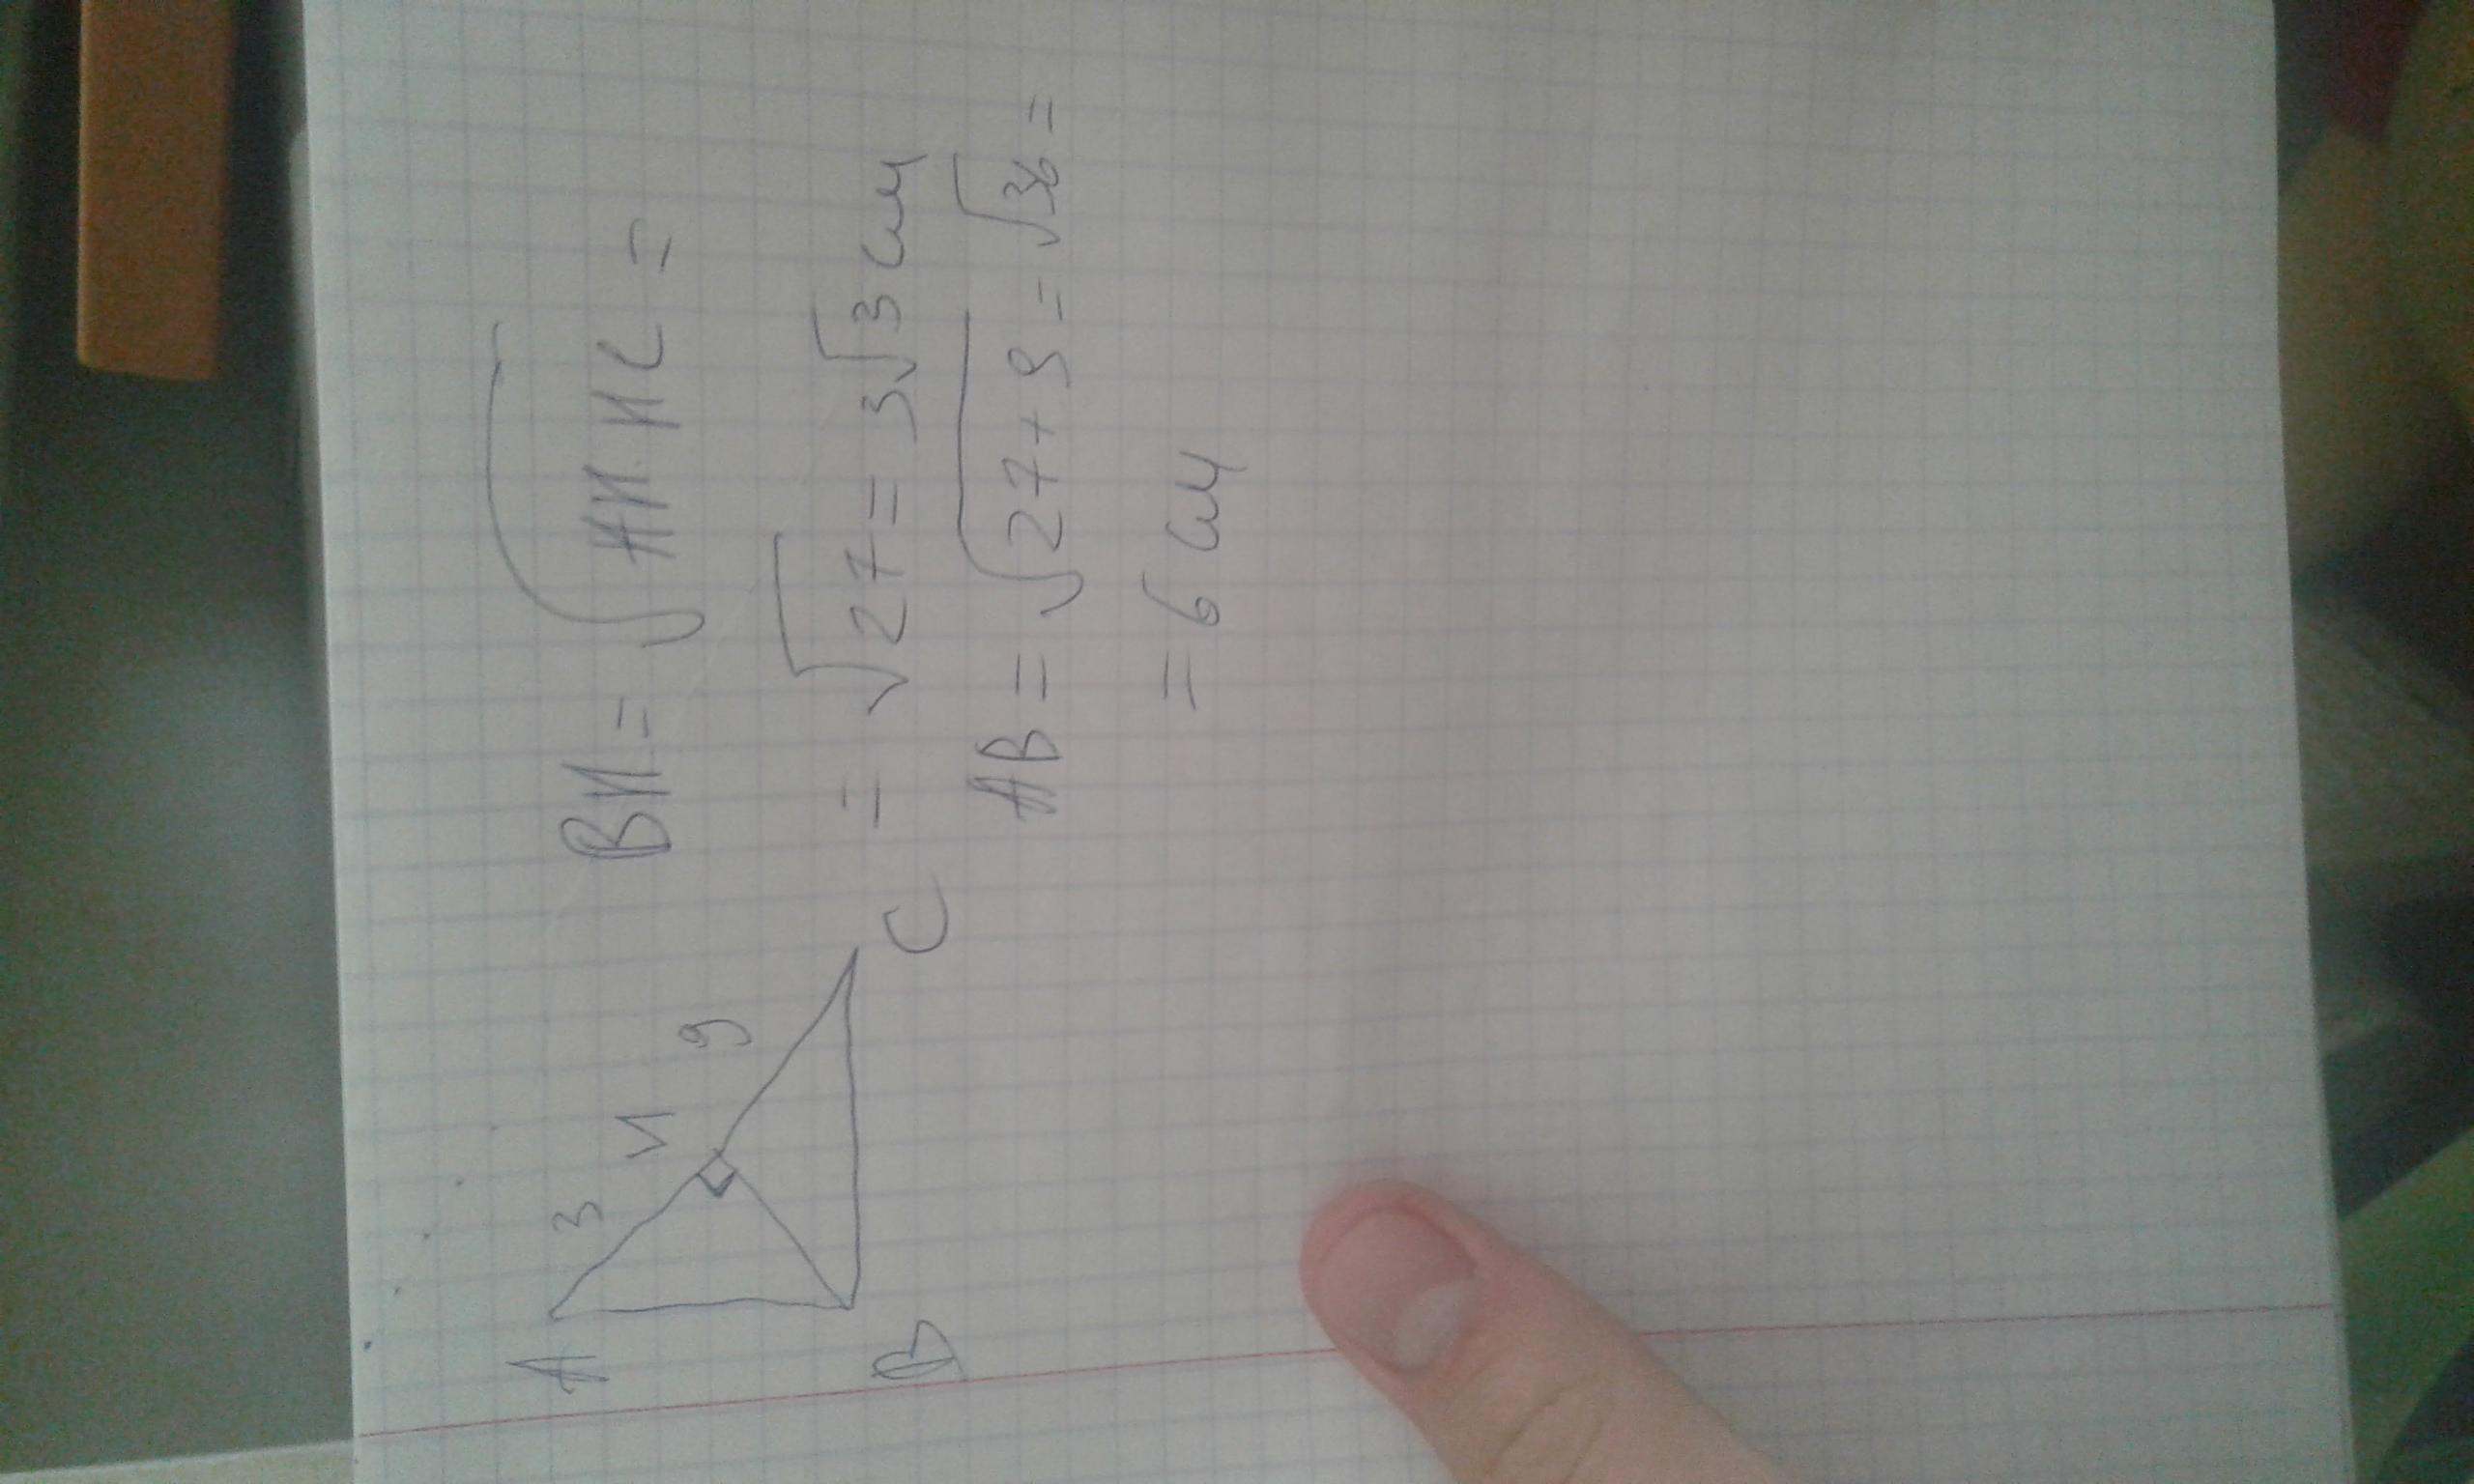 Точка H является основанием высоты проведённой из